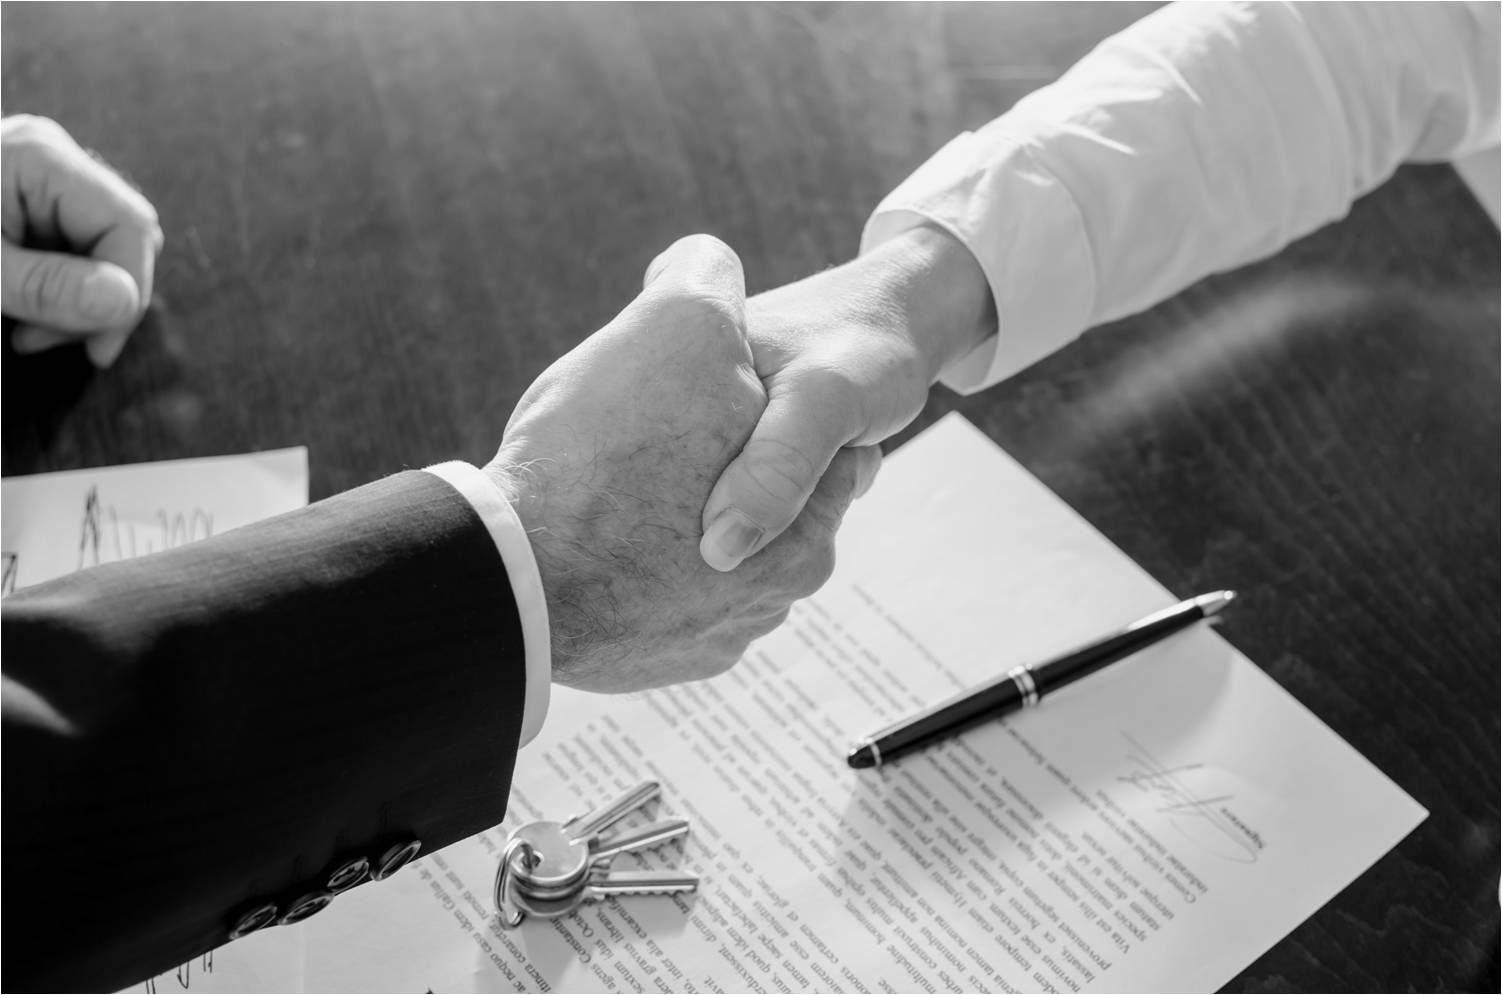 ייצוג אלביט מערכות בעסקת השקעה ורכישת השליטה בחברת הבת סייברביט